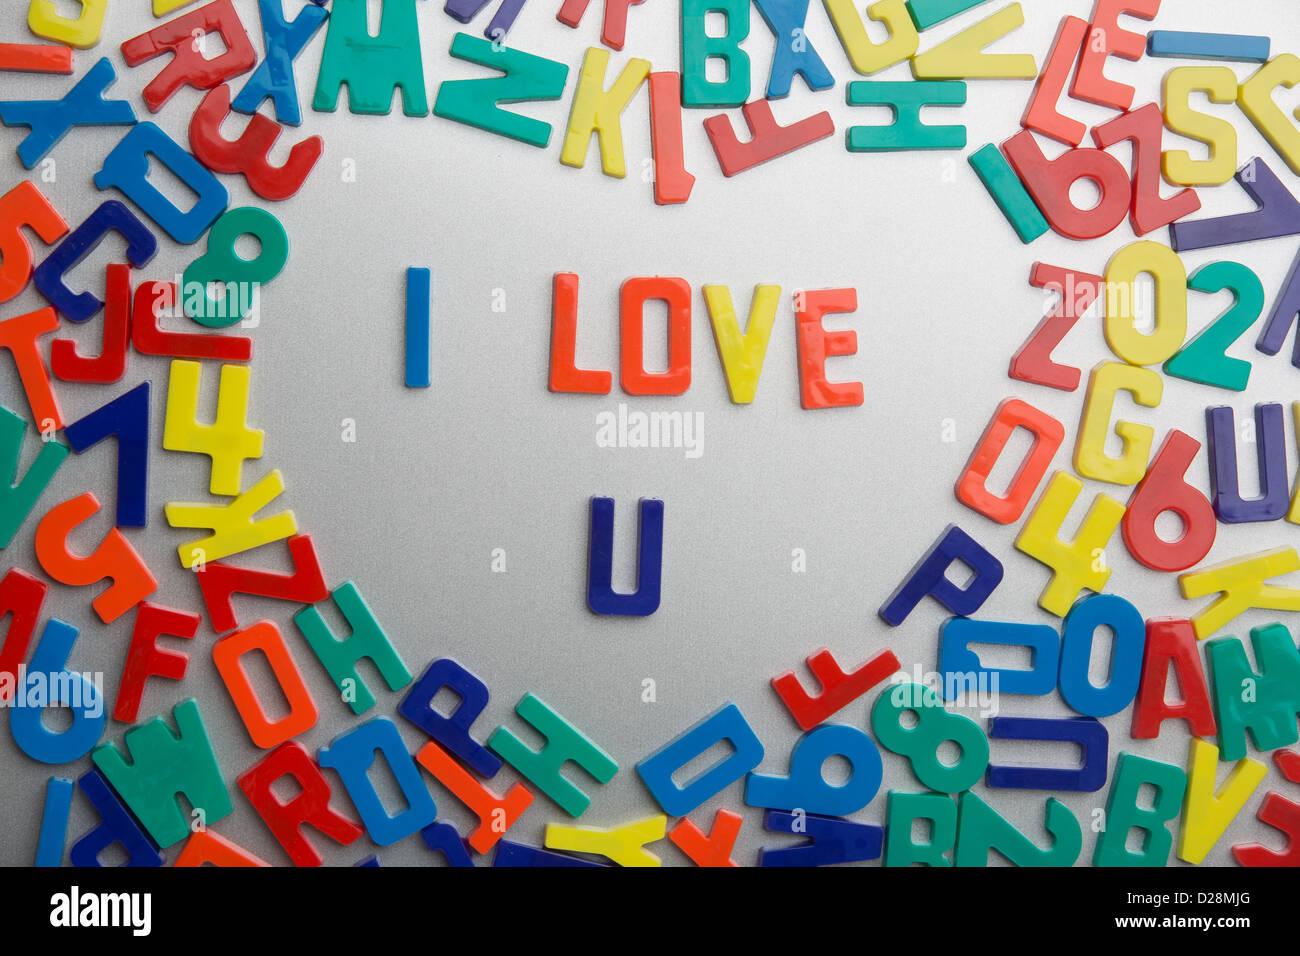 'I Love U' - Kühlschrankmagneten buchstabieren Nachrichten aus einem Durcheinander von Buchstaben Stockbild